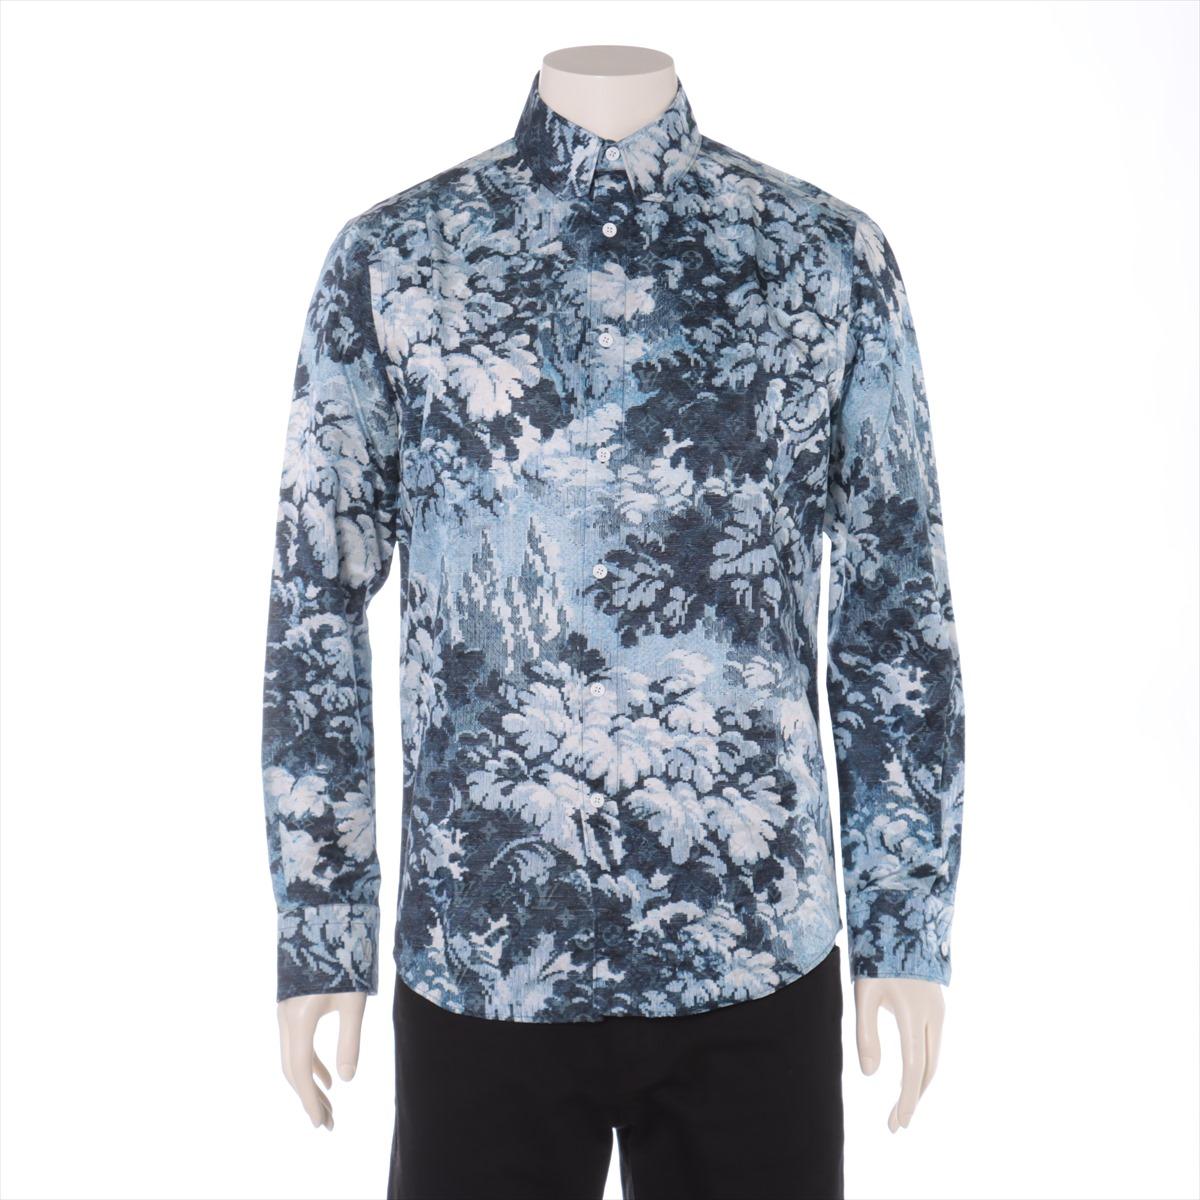 【中古】ヴィトン RM211M コットン シャツ XS メンズ ブルー